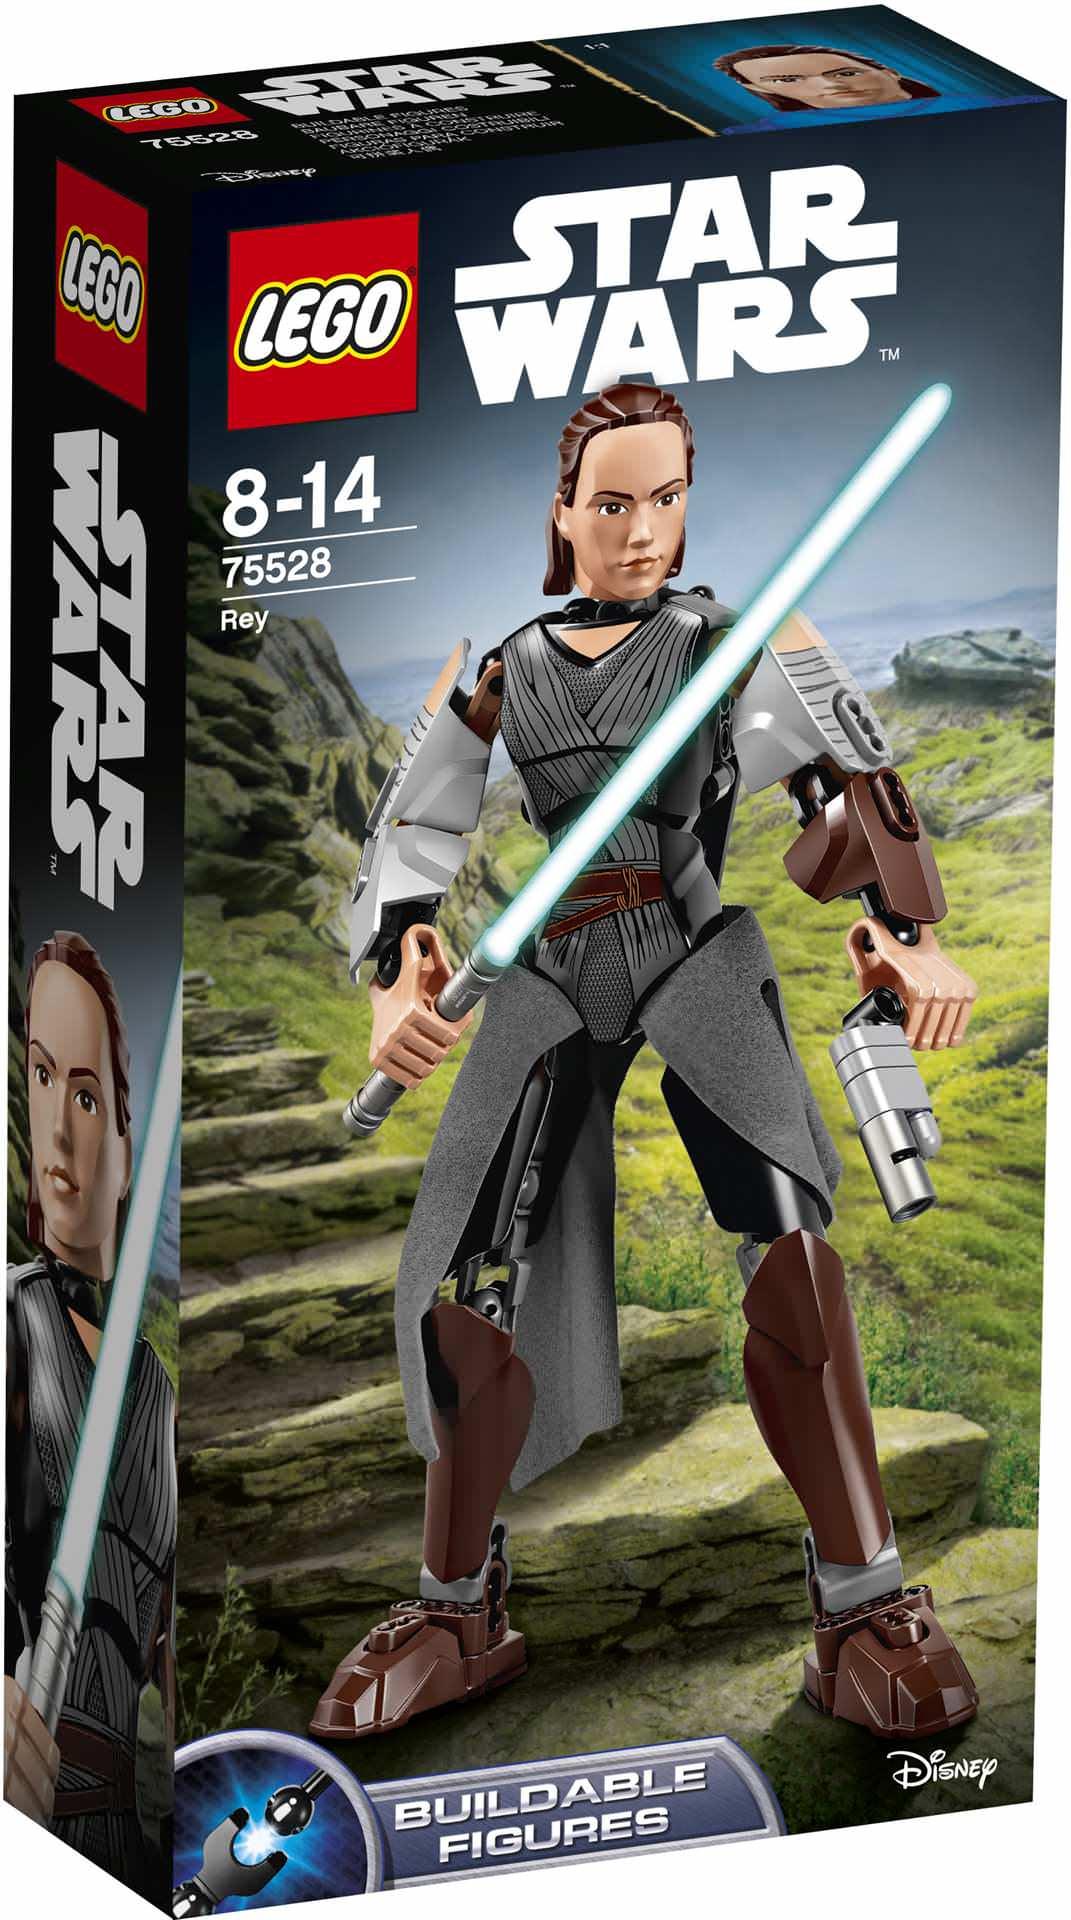 [Produits] Figurines Star Wars de l'automne 2017 : découvrez les images ! Szghr810